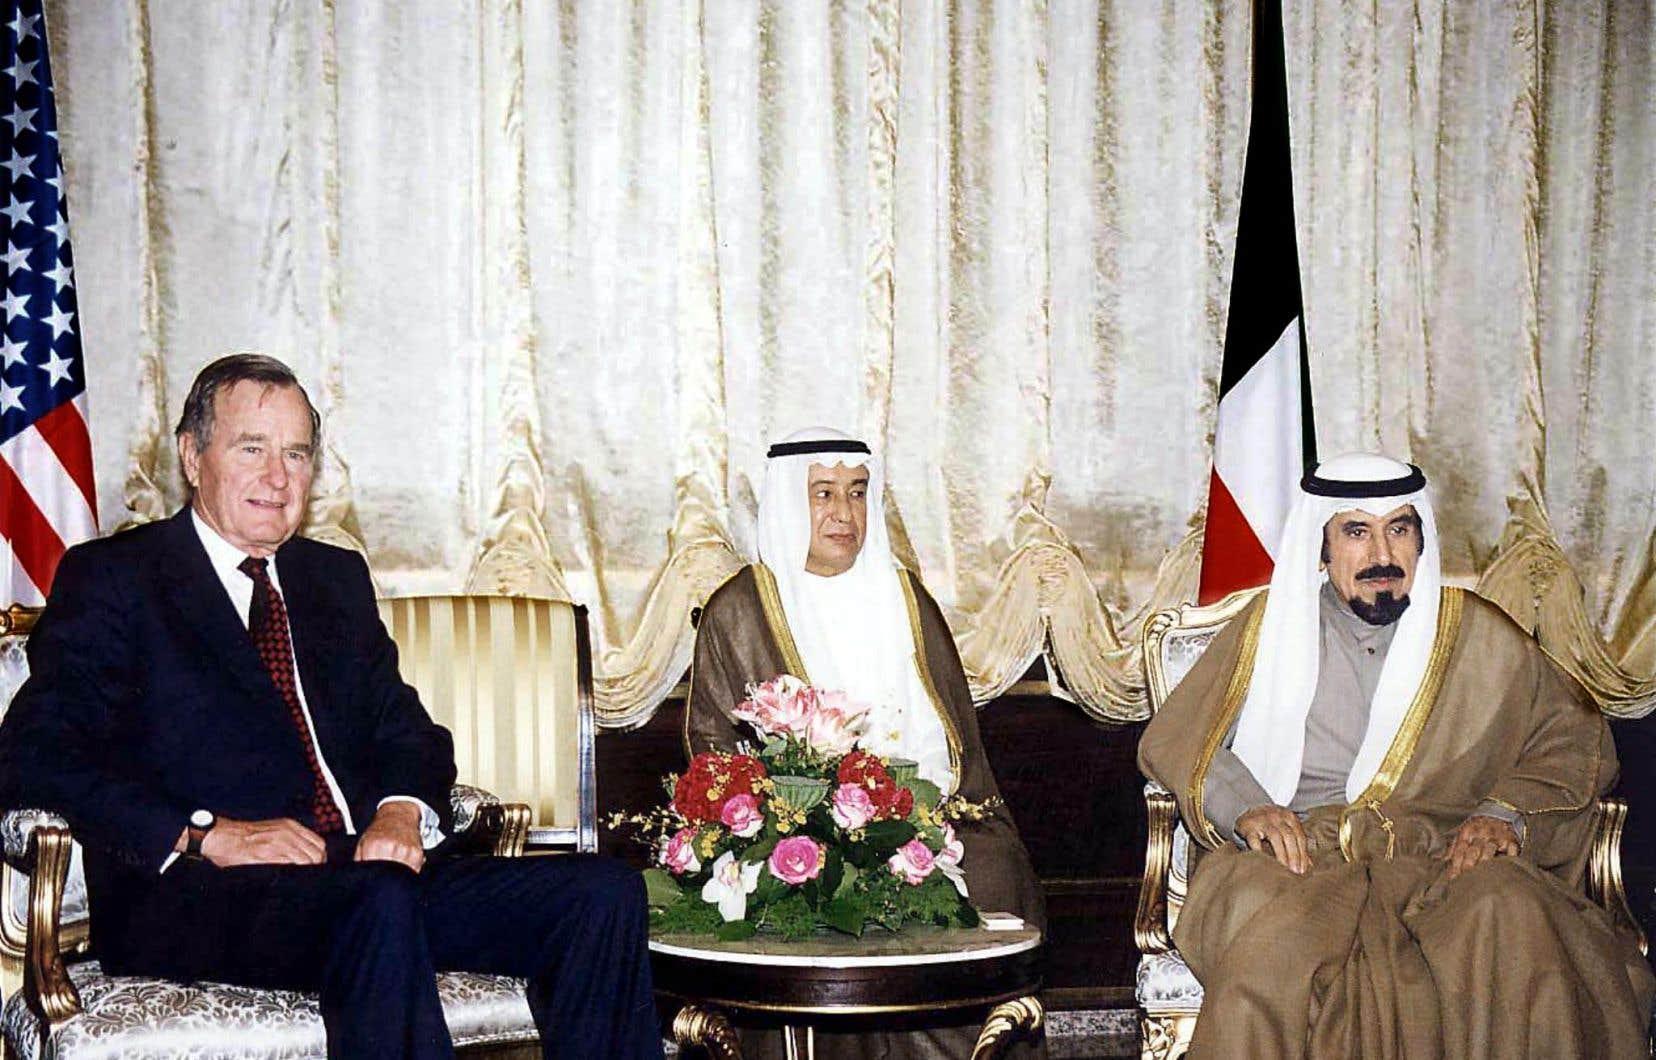 L'émir du Koweït Cheikh Jaber al-Ahmed al-Sabah (à droite) reçoit l'ancien président américain George H.W. Bush, le 1er décembre 1998.